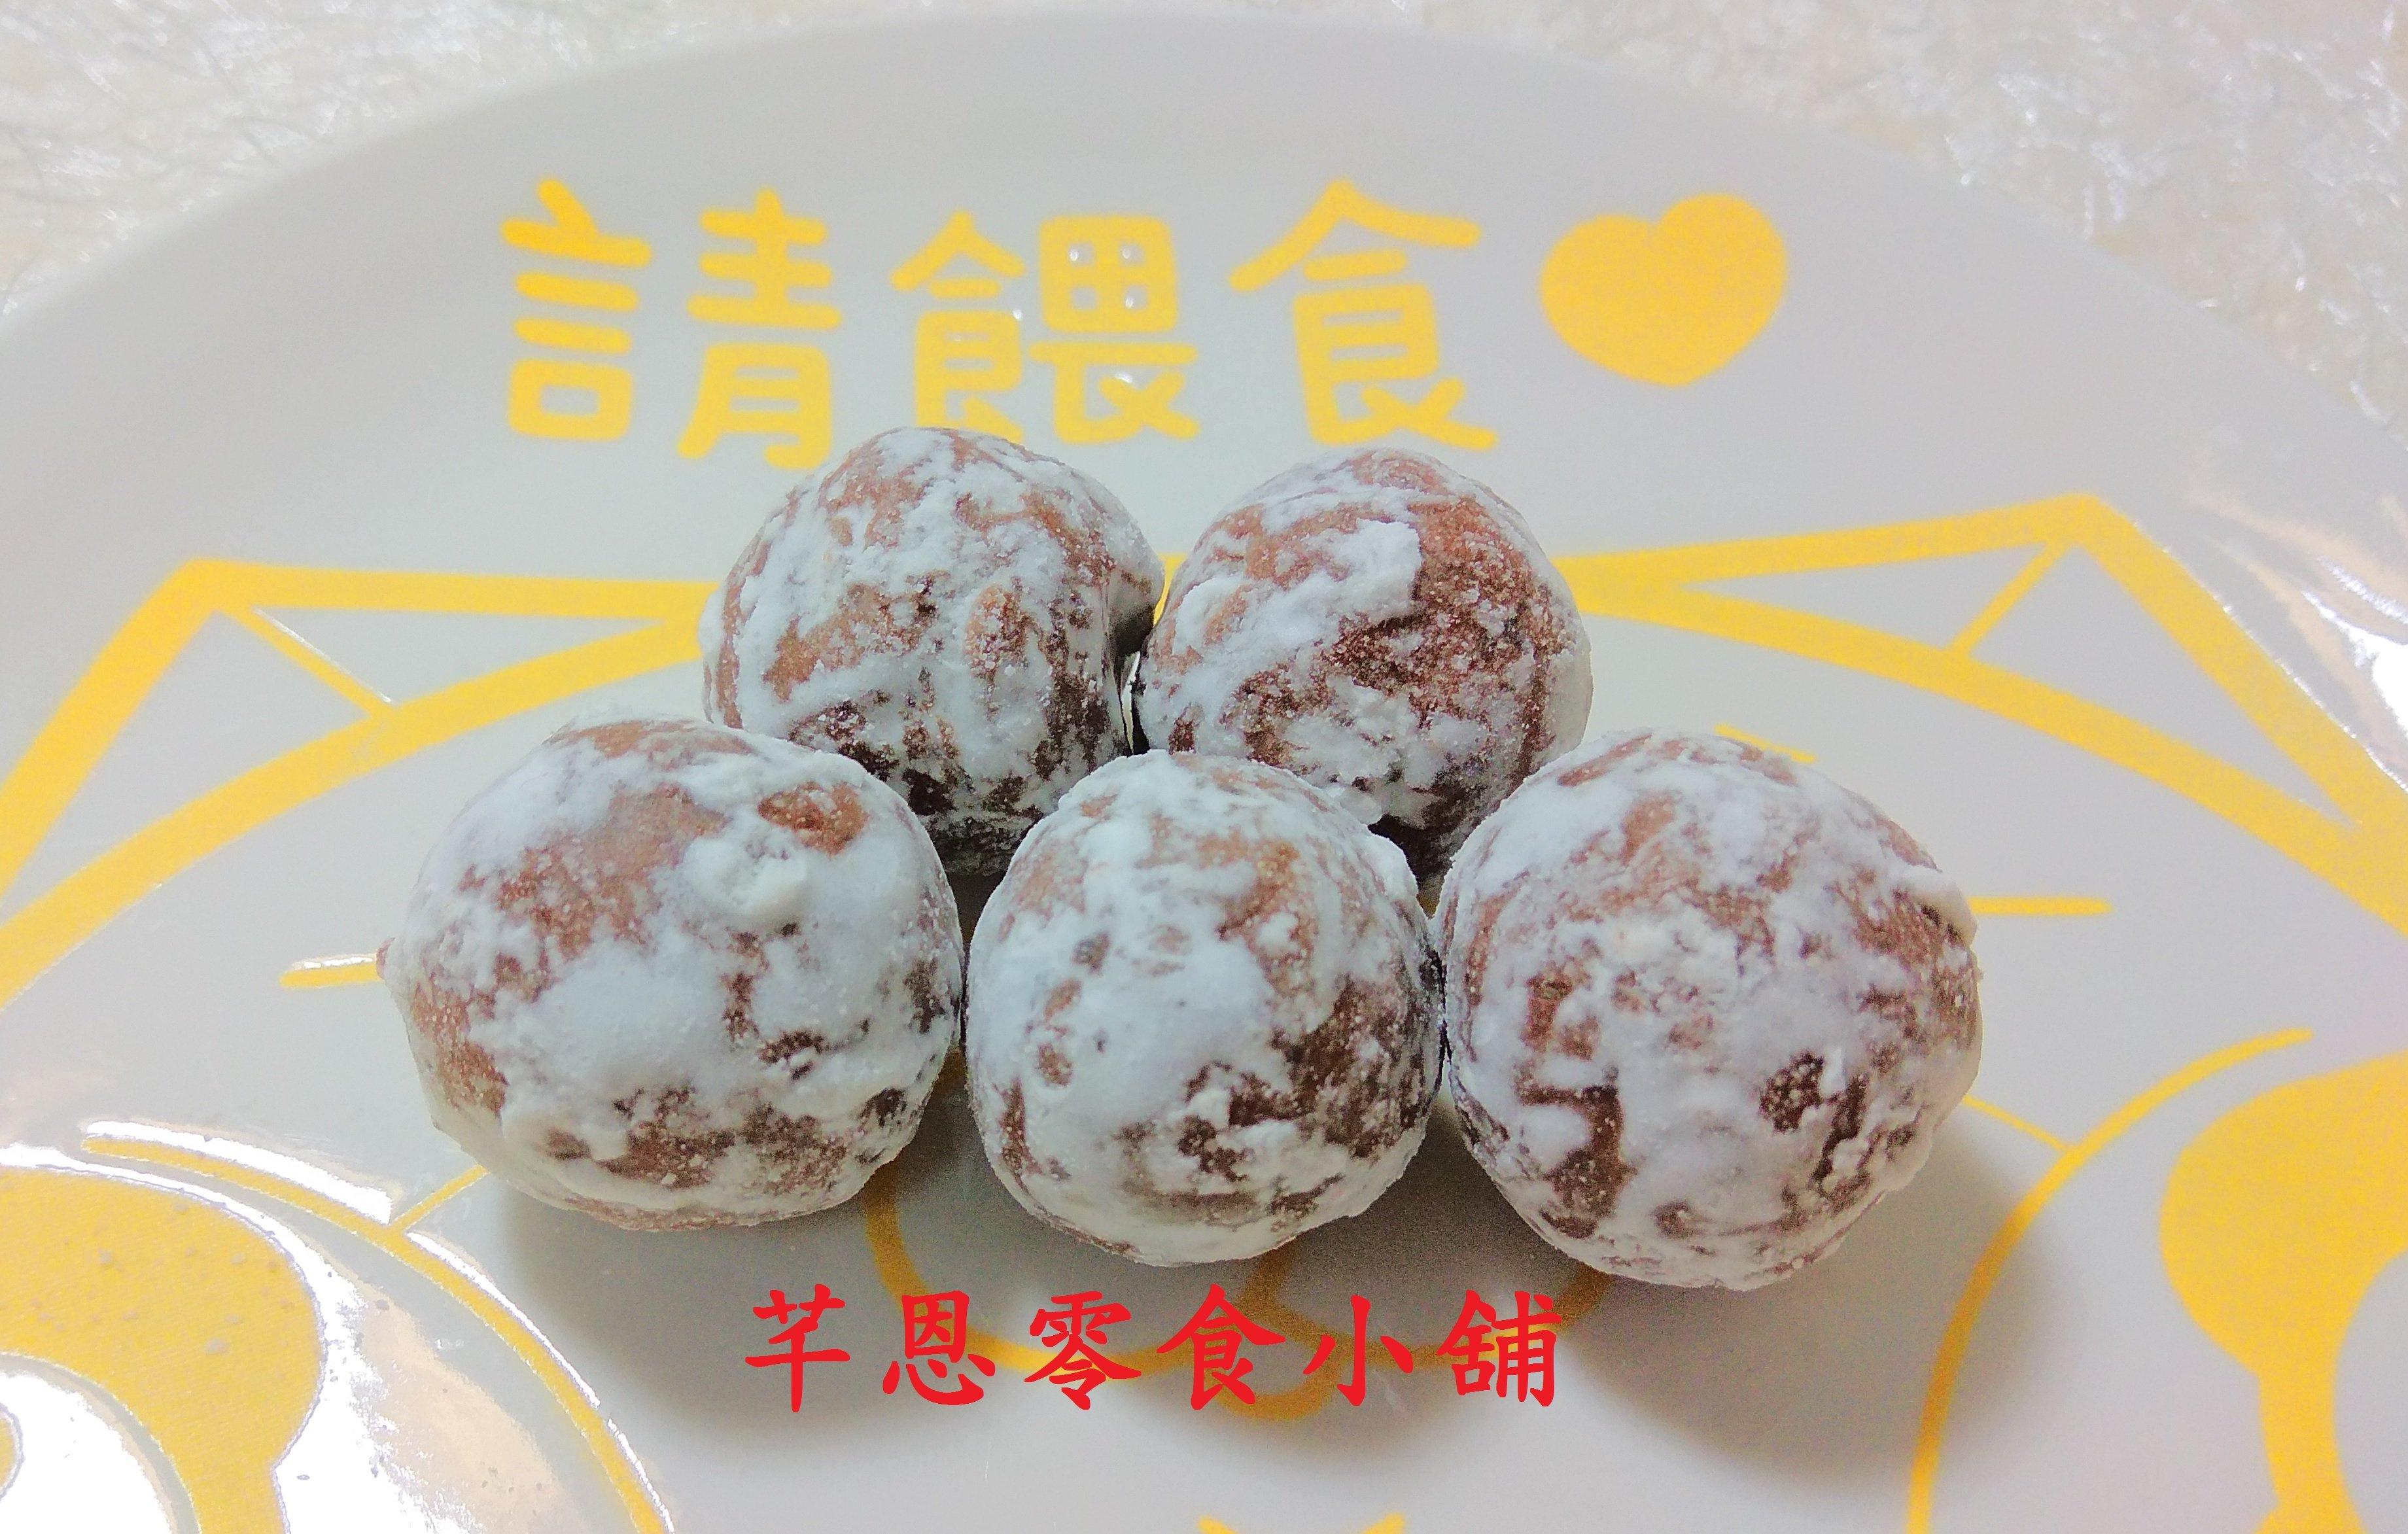 【芊恩零食小舖】紅豆丸 量販包 3000g 435元 (全素) 紅豆 懷舊古早味 下午茶點心 蜜餞 堅果